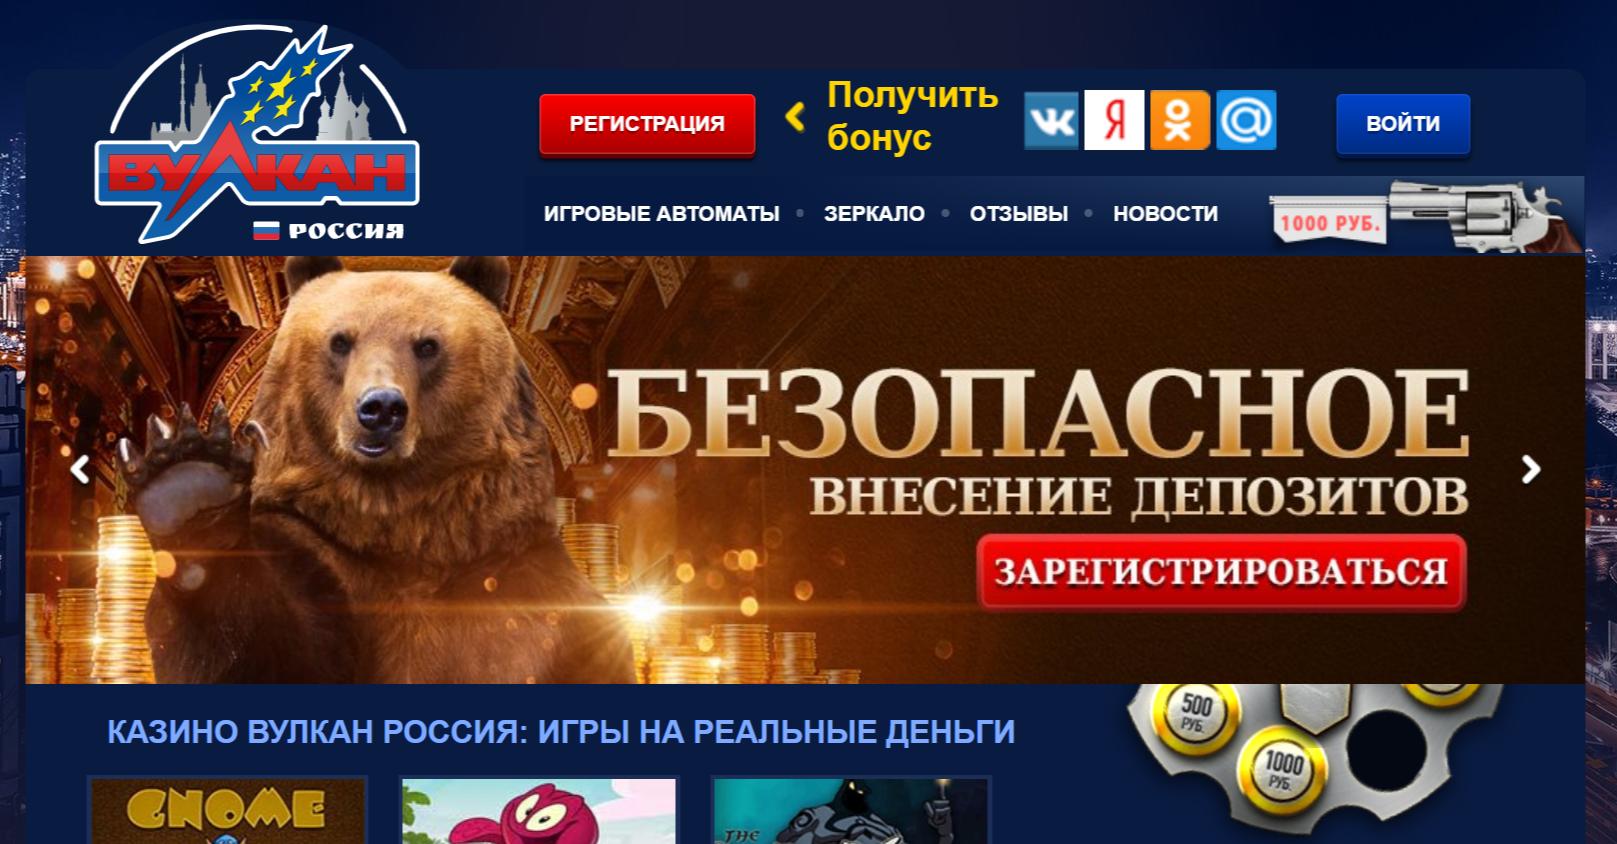 Казино Вулкан Россия: игры на реальные деньги доступны каждому